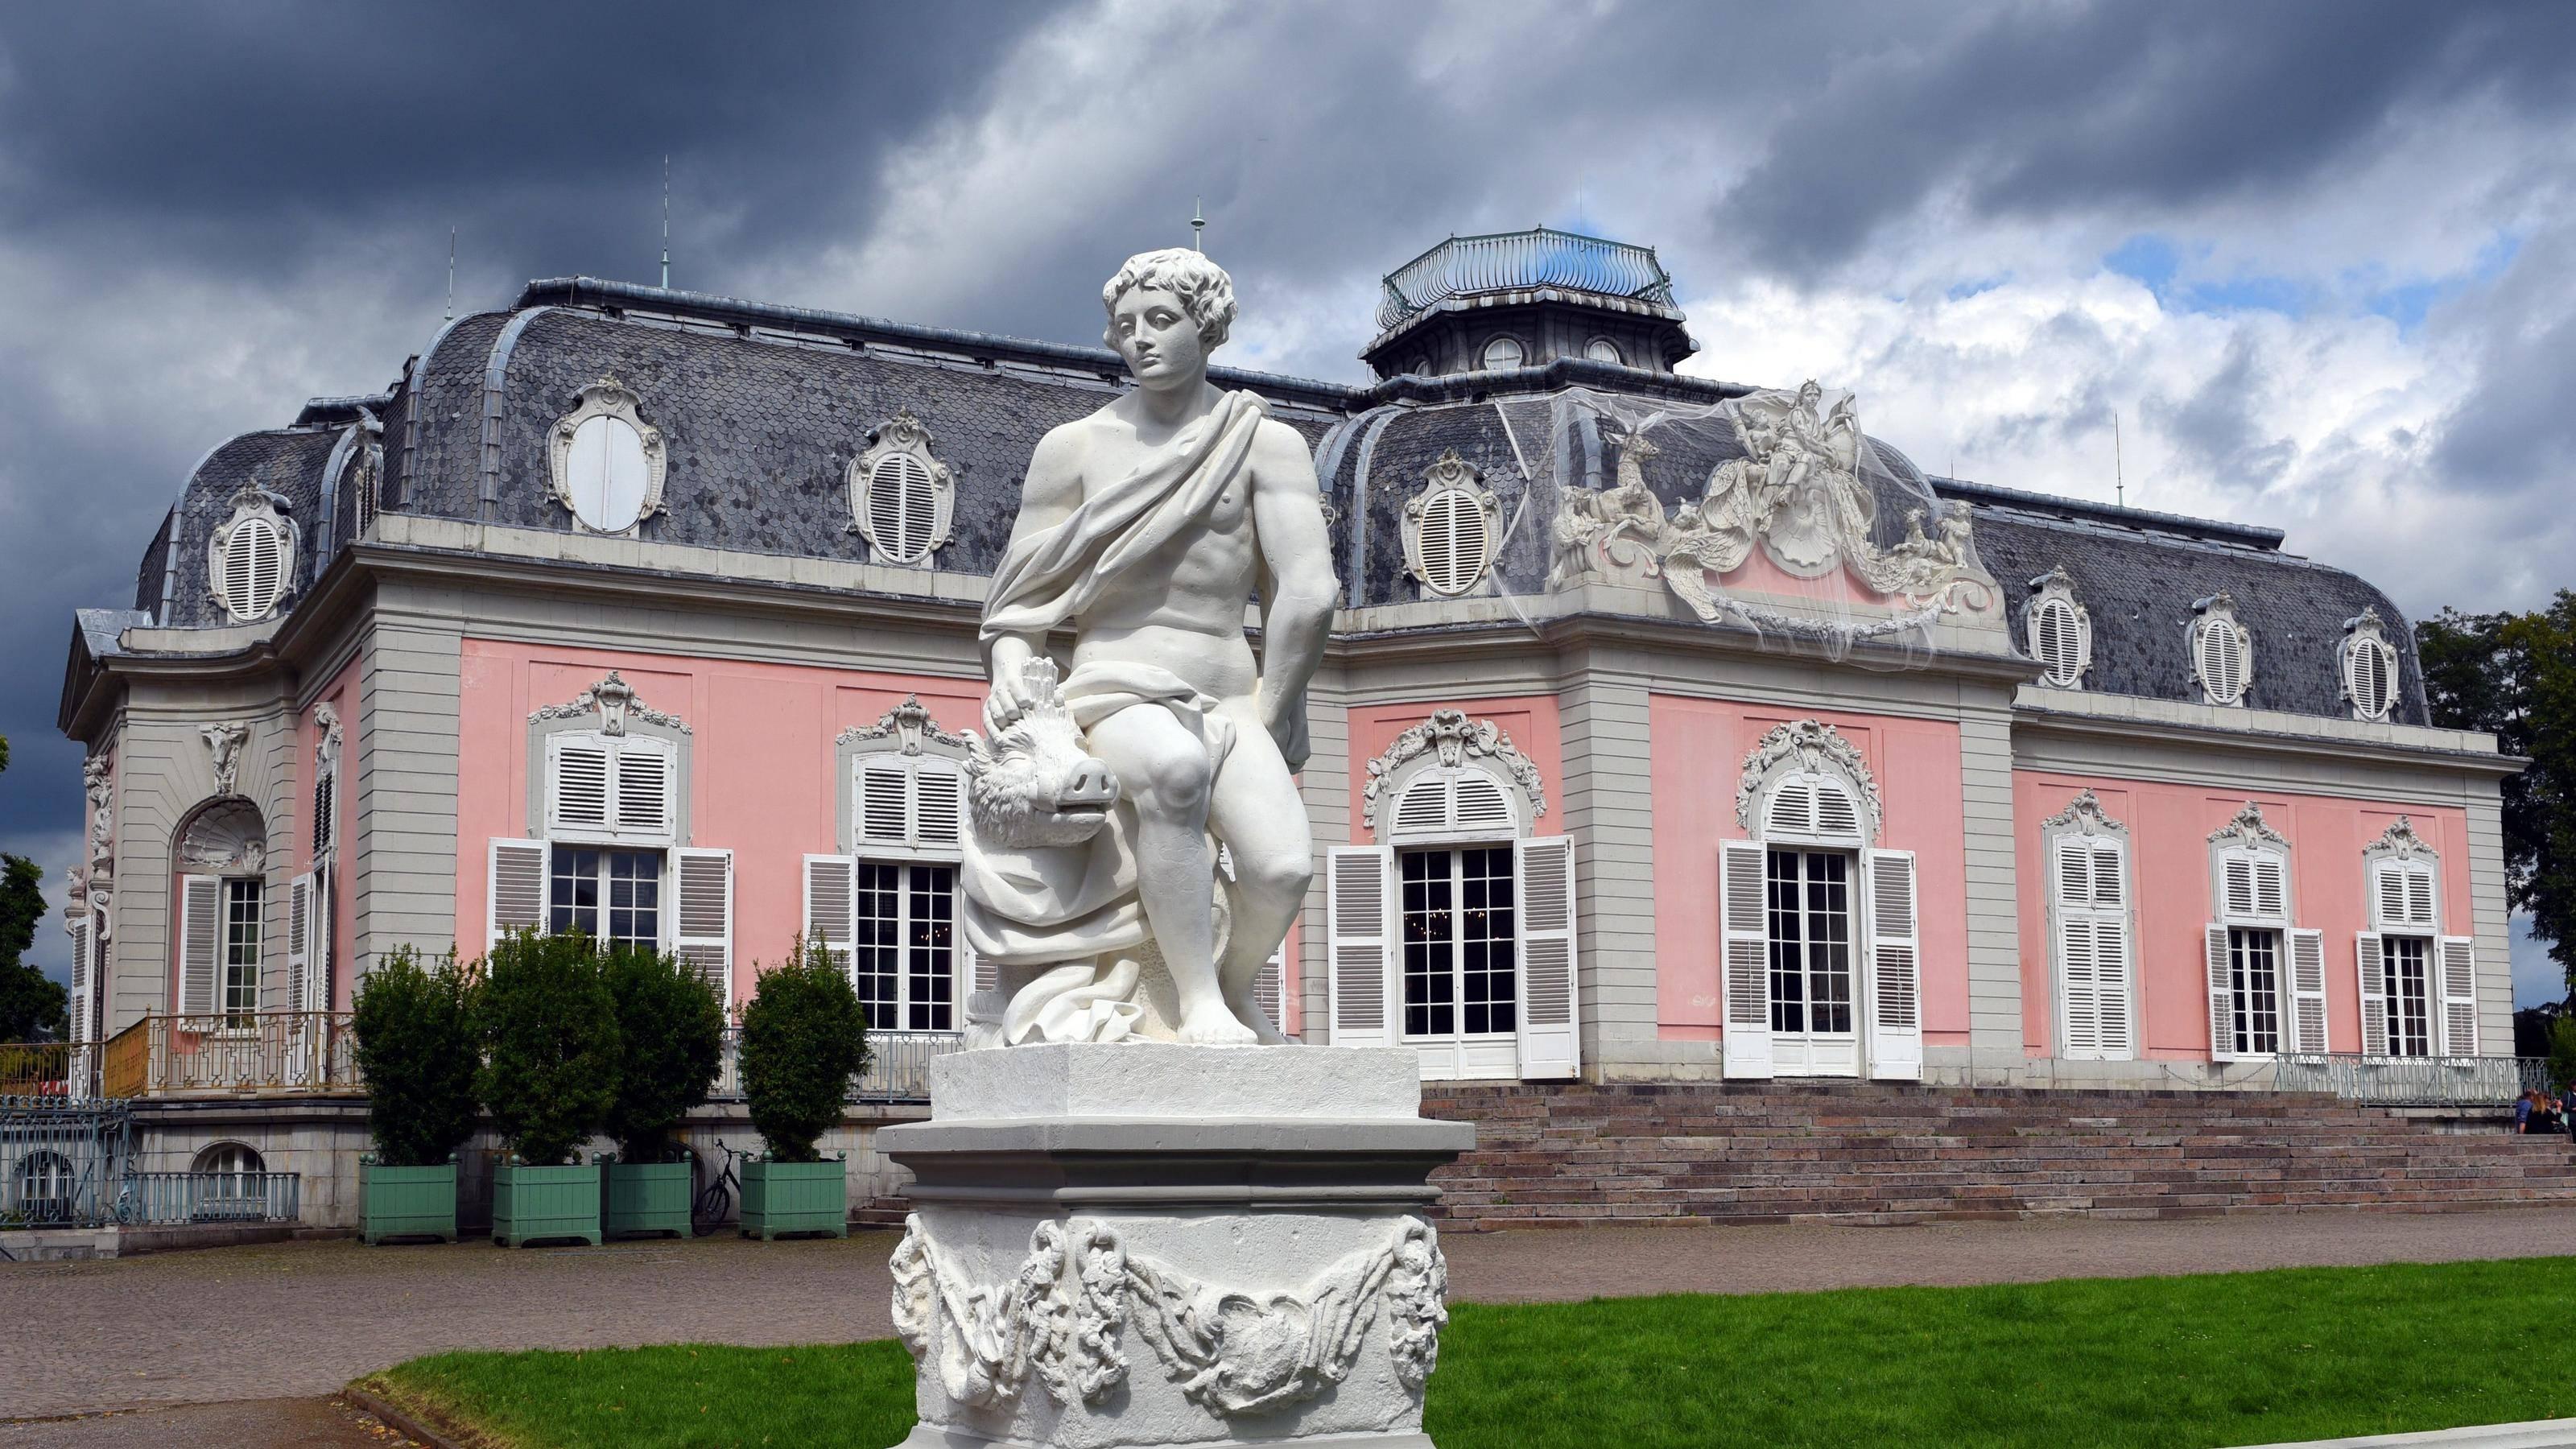 ★ 11 самых популярных туристических достопримечательностей в дюссельдорфе ★ - достопримечательности